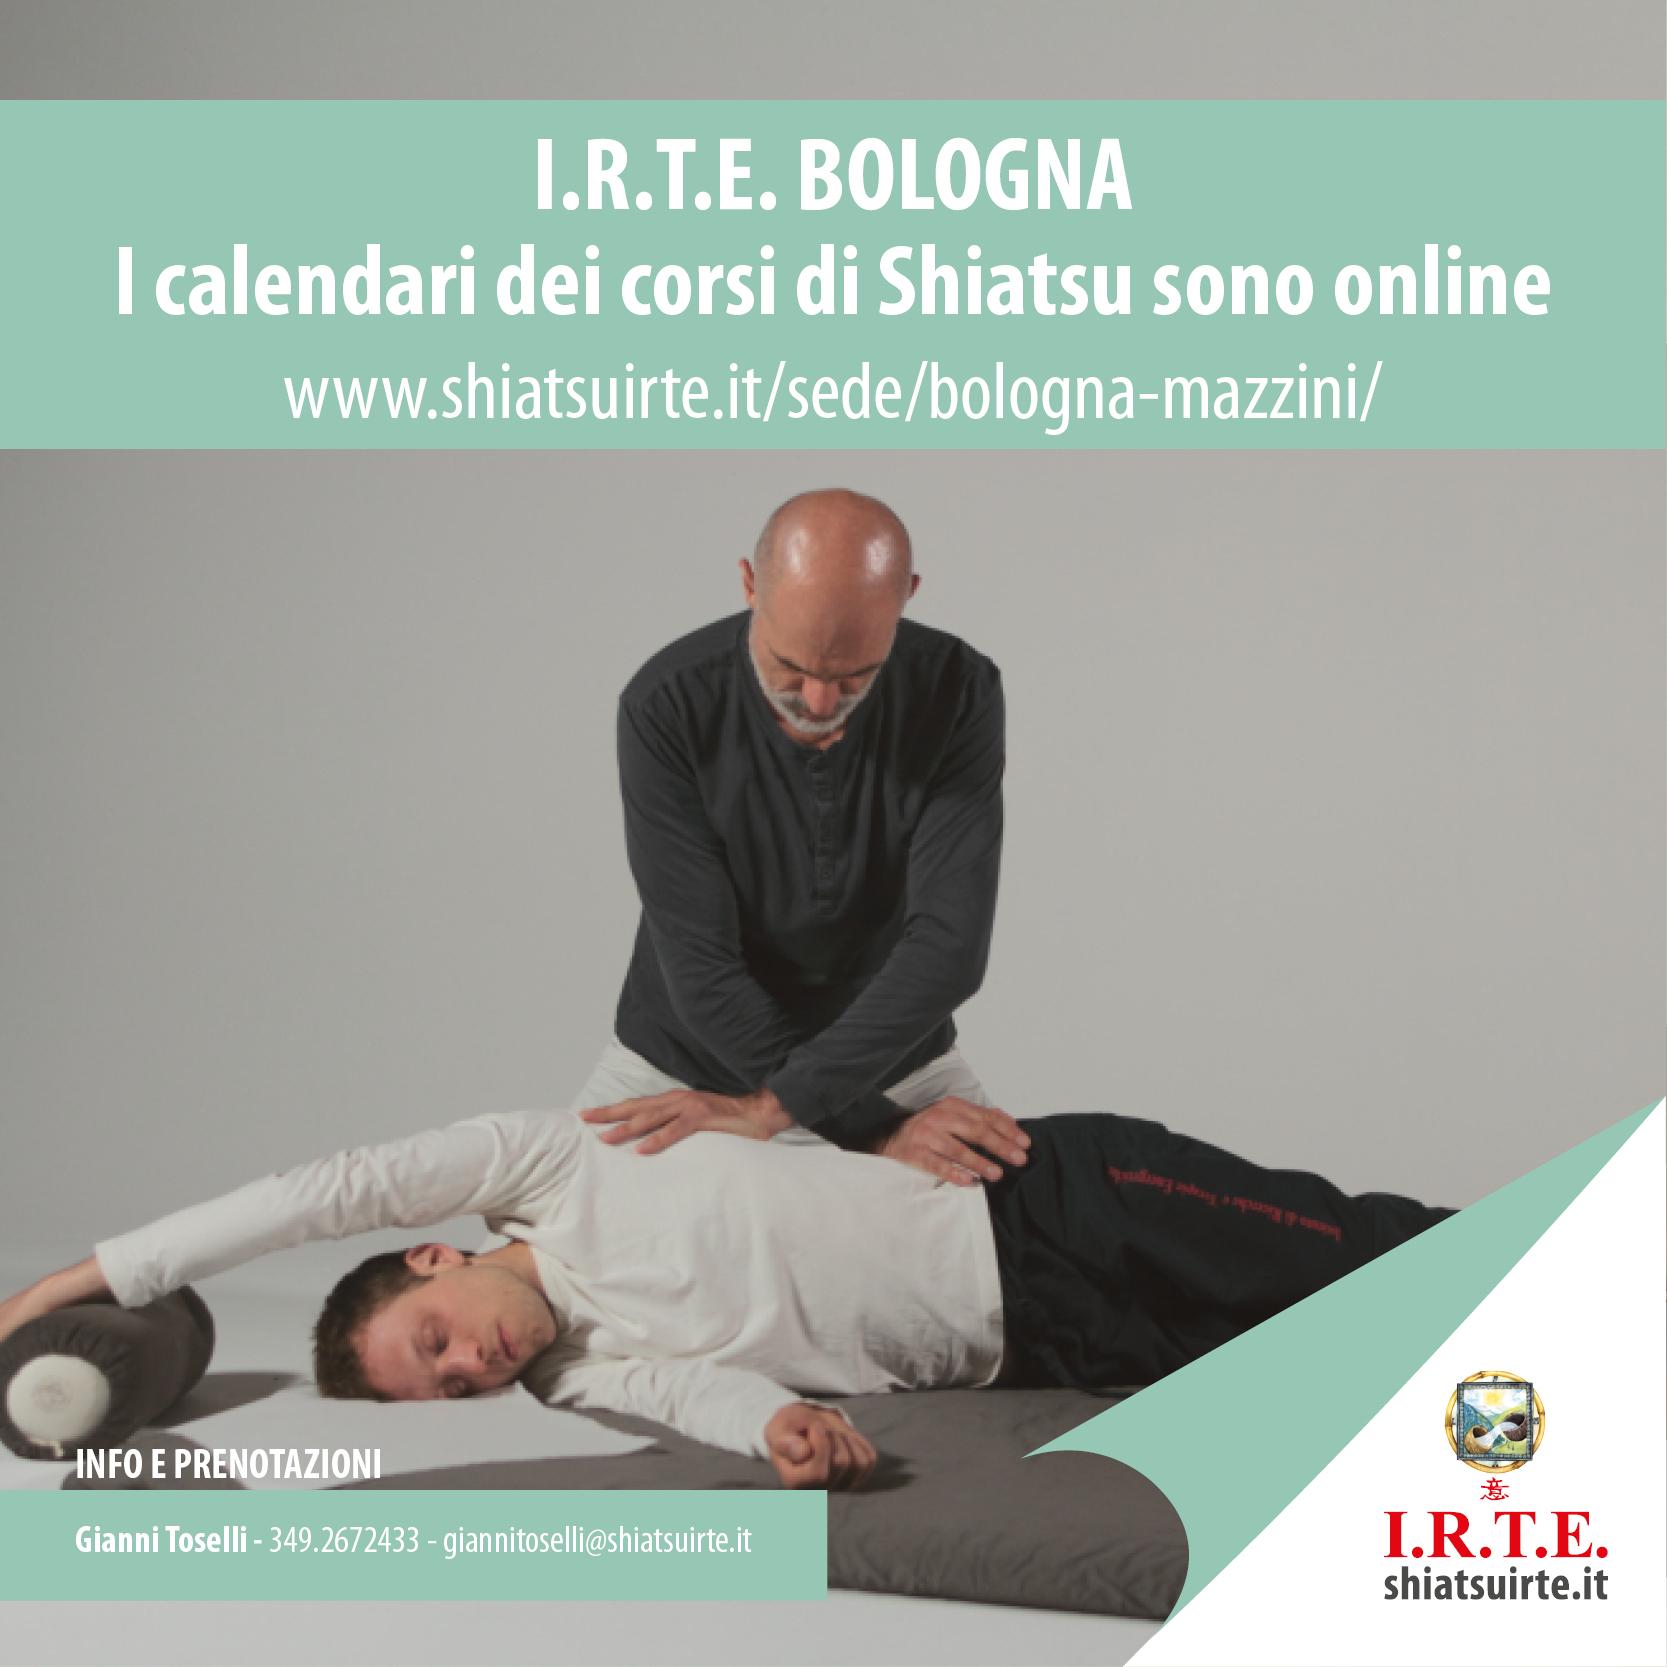 Corsi Shiatsu a Bologna, il calendario IRTE 2018-2019 è online